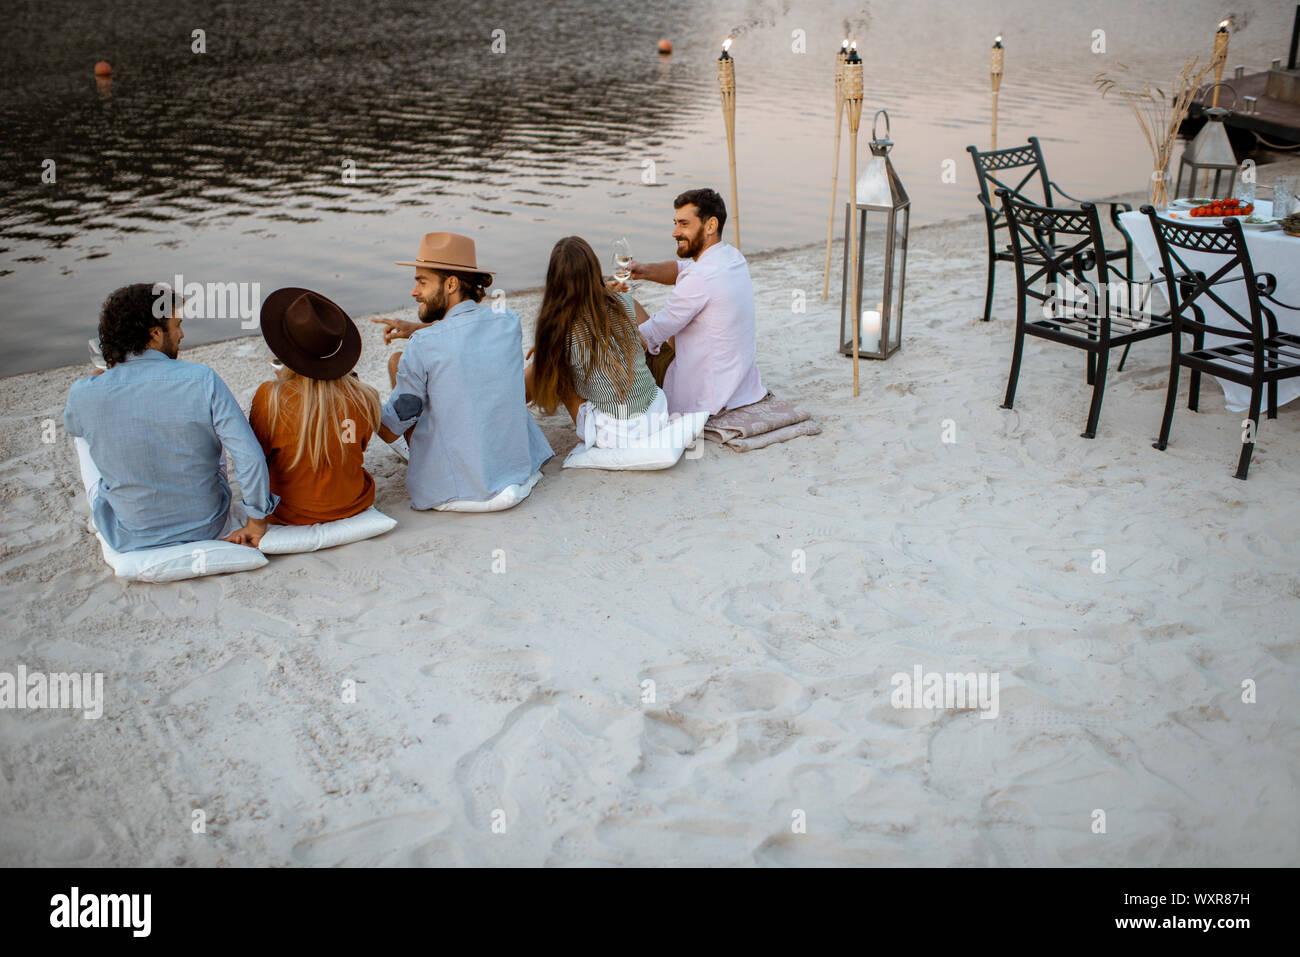 Groupe de jeunes amis assis sur la plage, profiter du temps ensemble le soir au cours d'une réunion festive et le dîner en plein air Banque D'Images